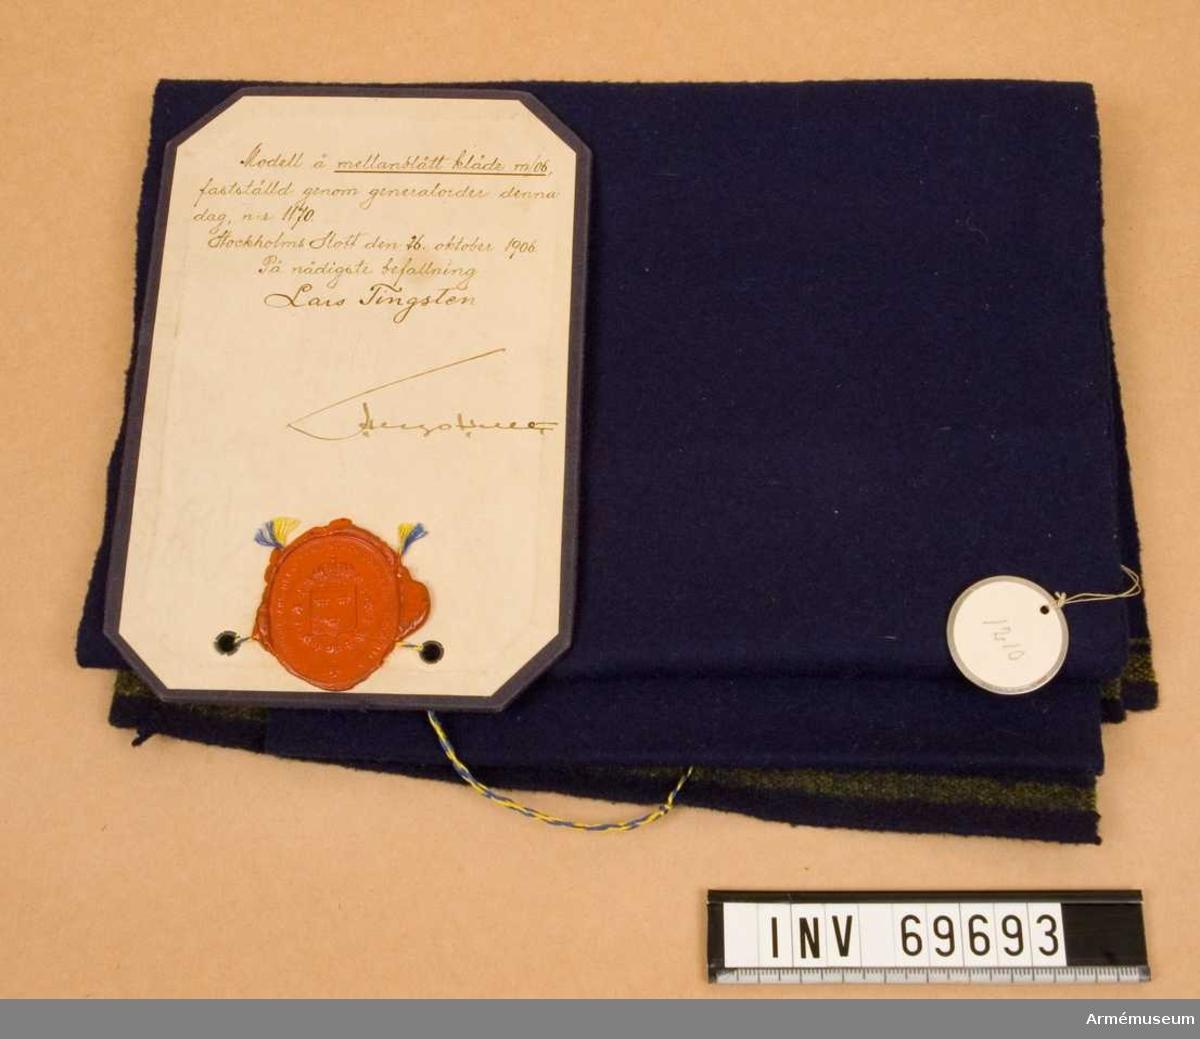 """På modellappen står skrivet: """"Modell å mellanblått kläde m/06, fastställd genom generalorder denna dag, n:r 1170. Stockholms Slott den 26. oktober 1906. På nådigaste befallning Lars Tingsten""""."""